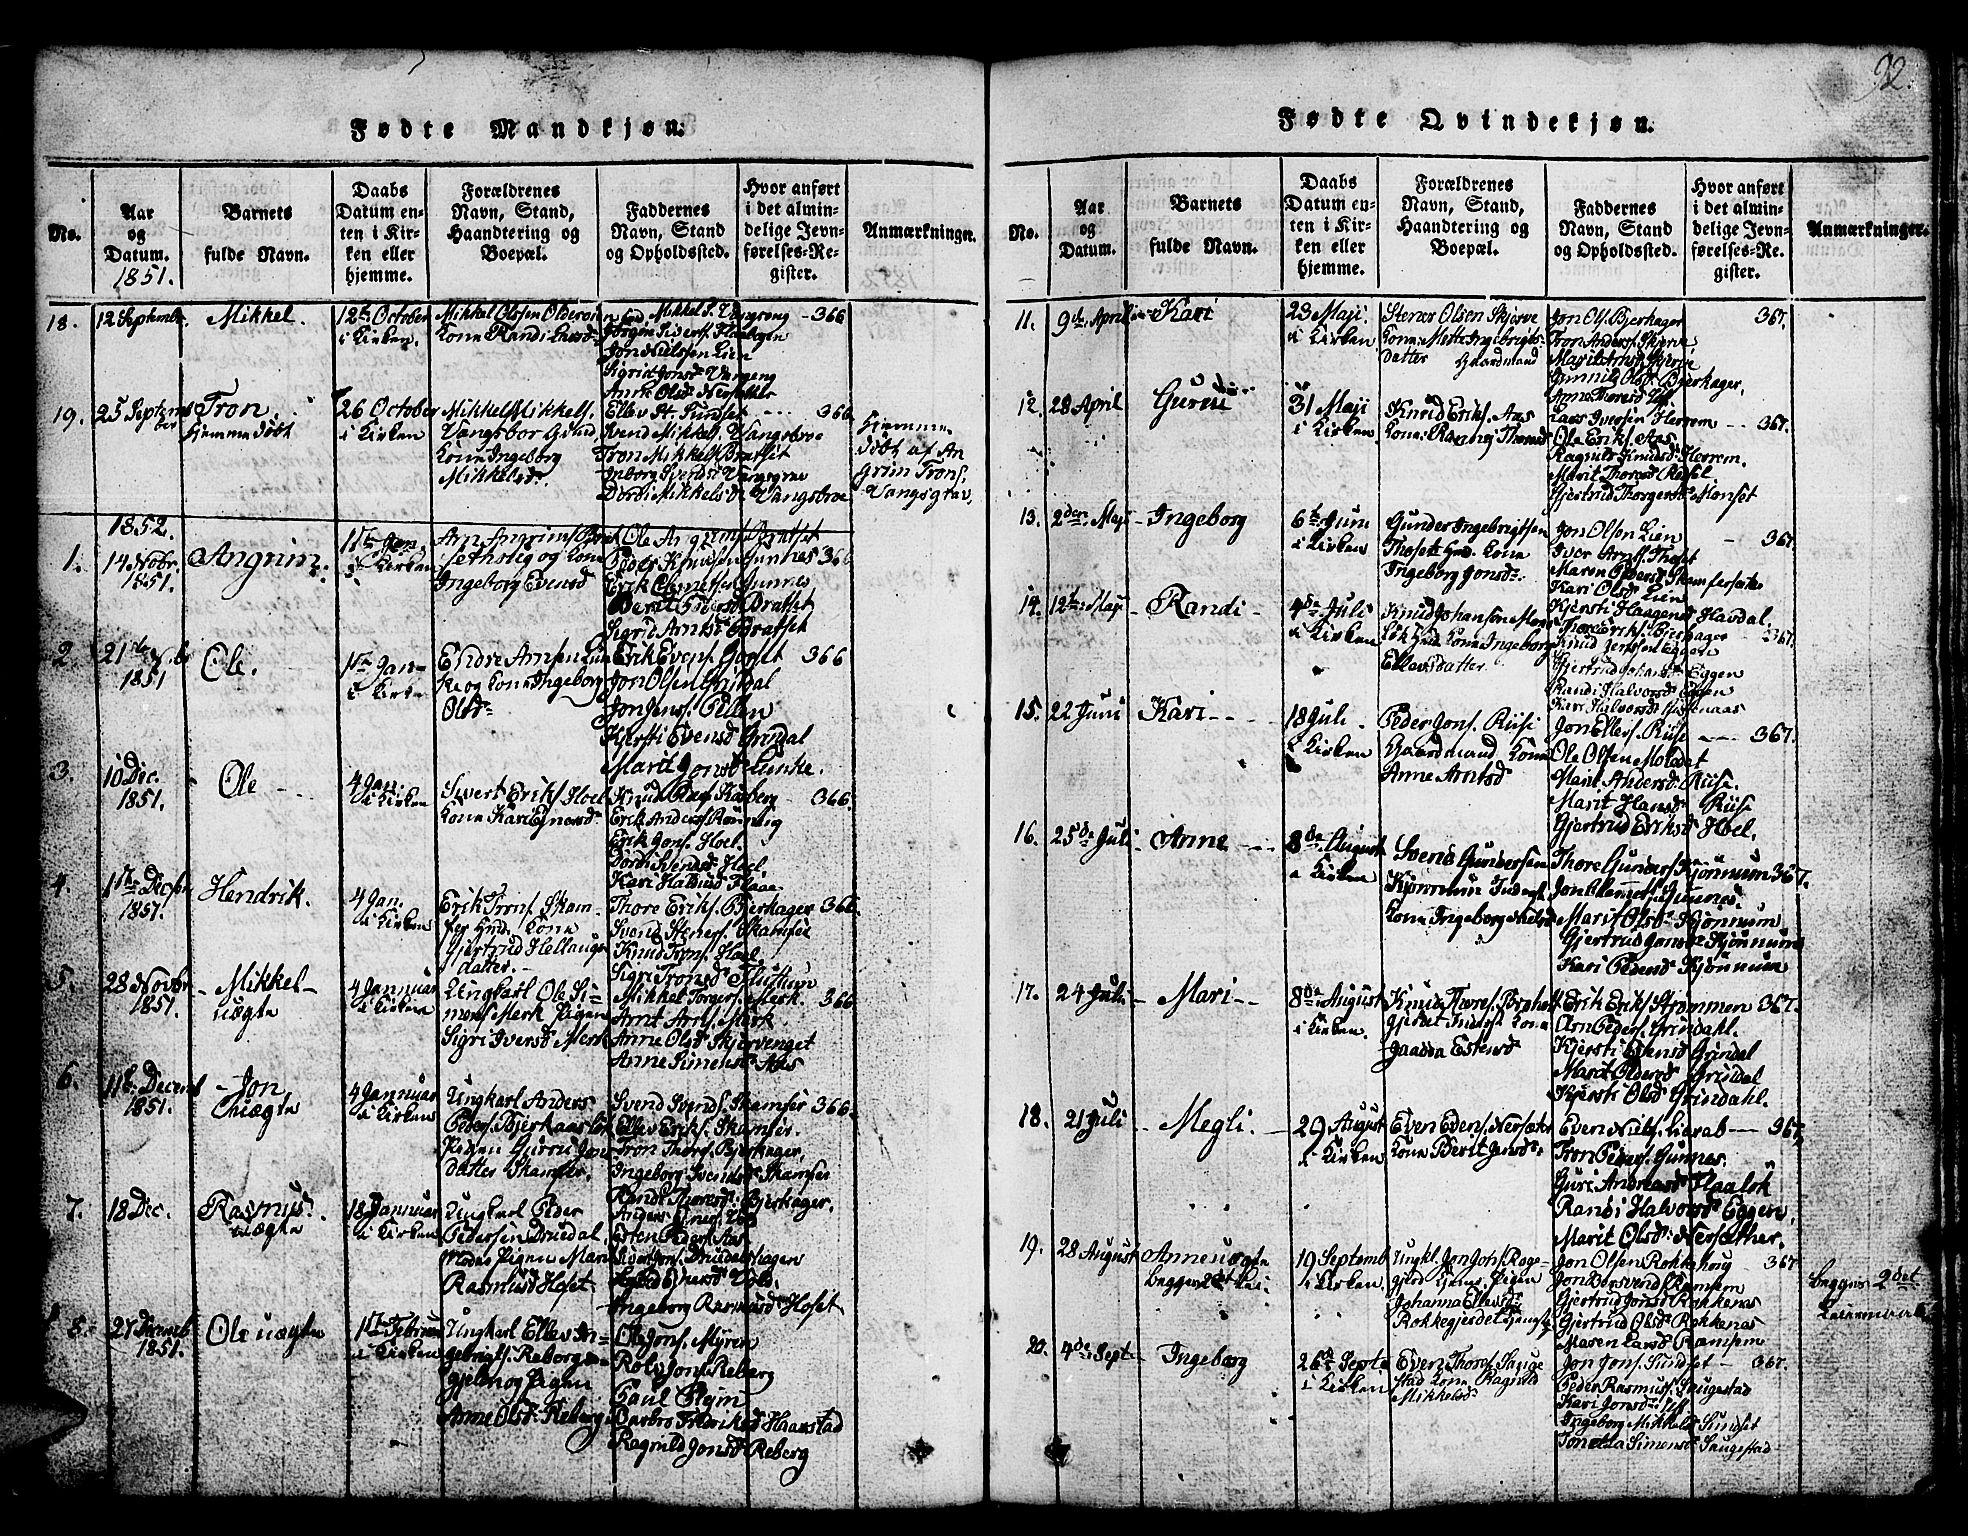 SAT, Ministerialprotokoller, klokkerbøker og fødselsregistre - Sør-Trøndelag, 674/L0874: Klokkerbok nr. 674C01, 1816-1860, s. 92